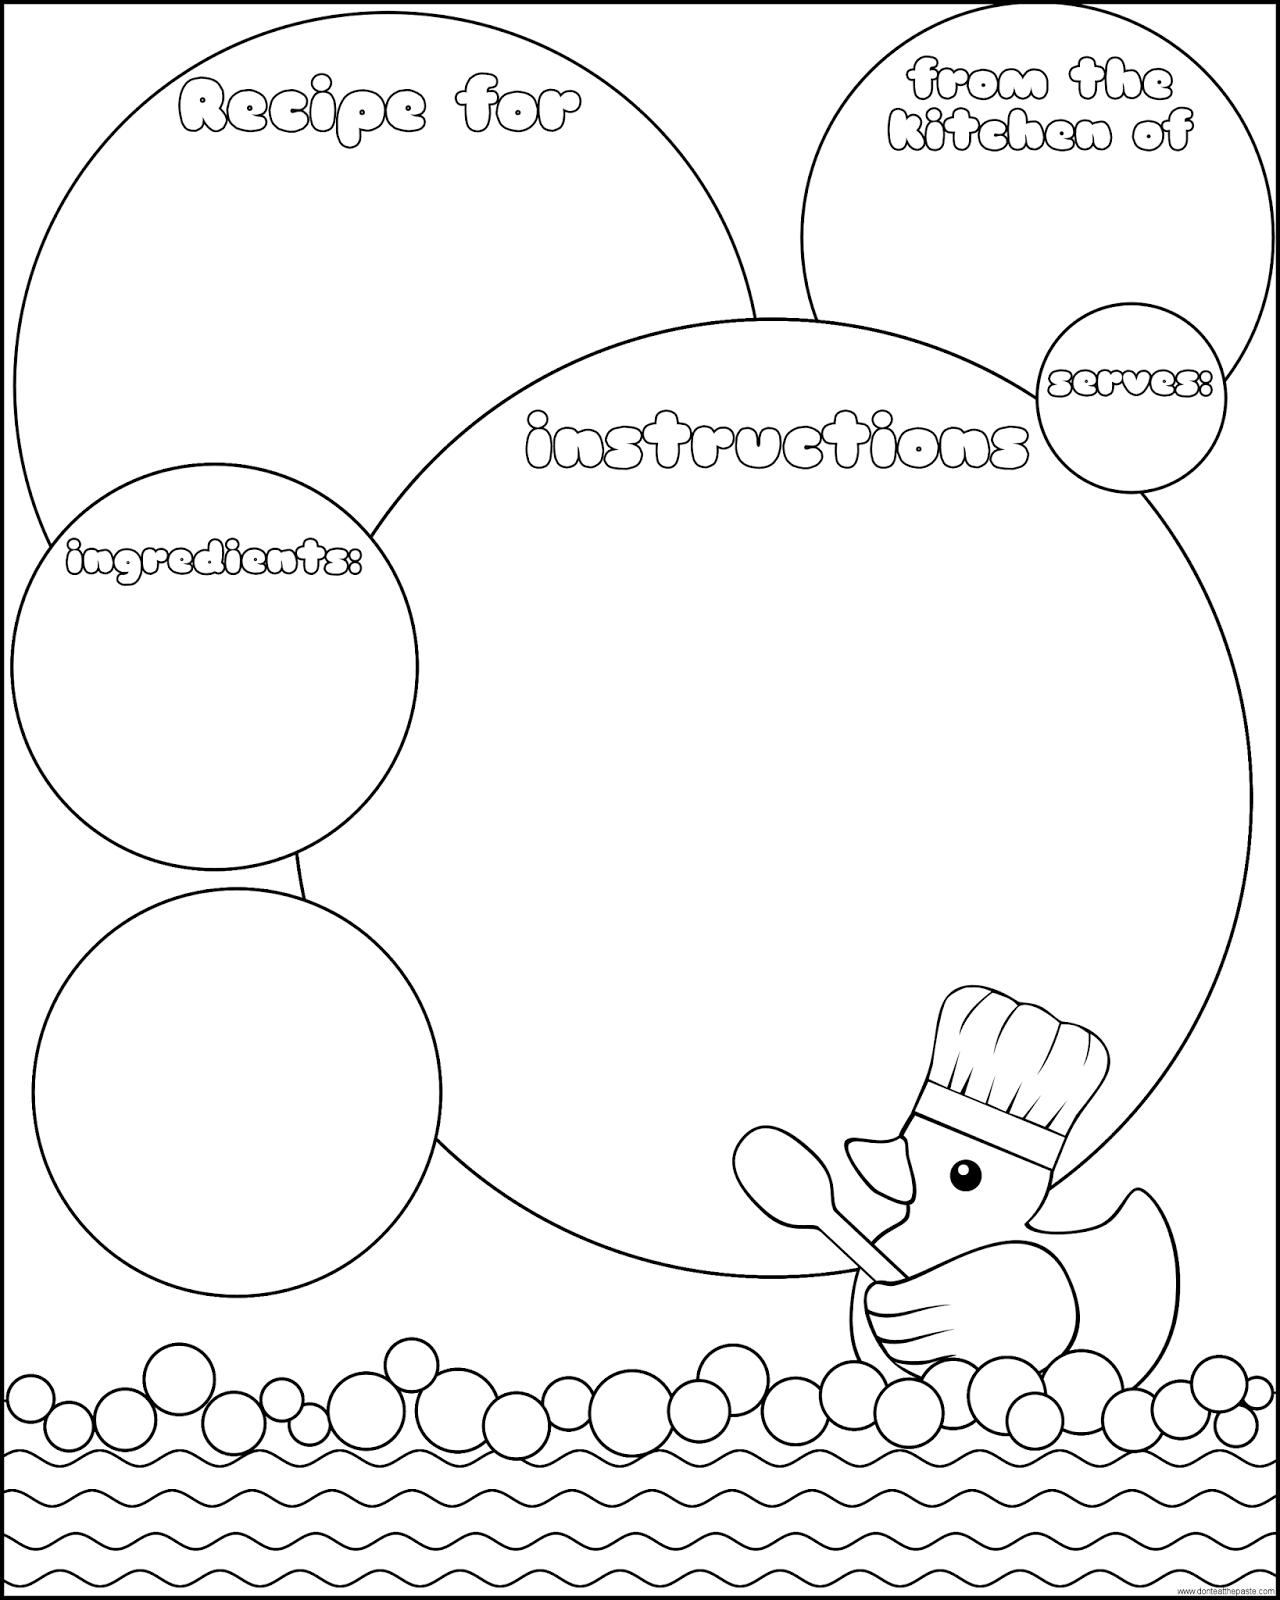 Rubber Duck Recipe Page